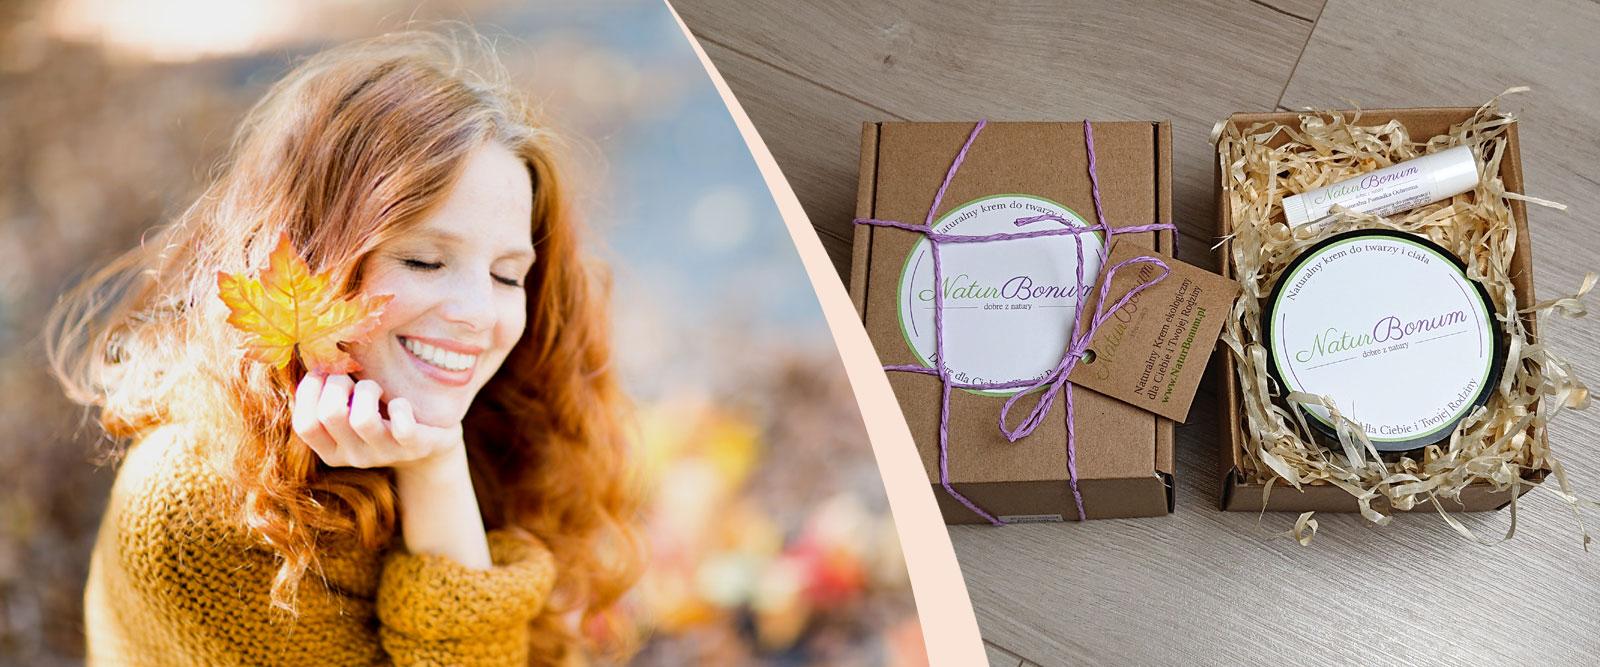 Kremy naturalne pakowanie prezentowe